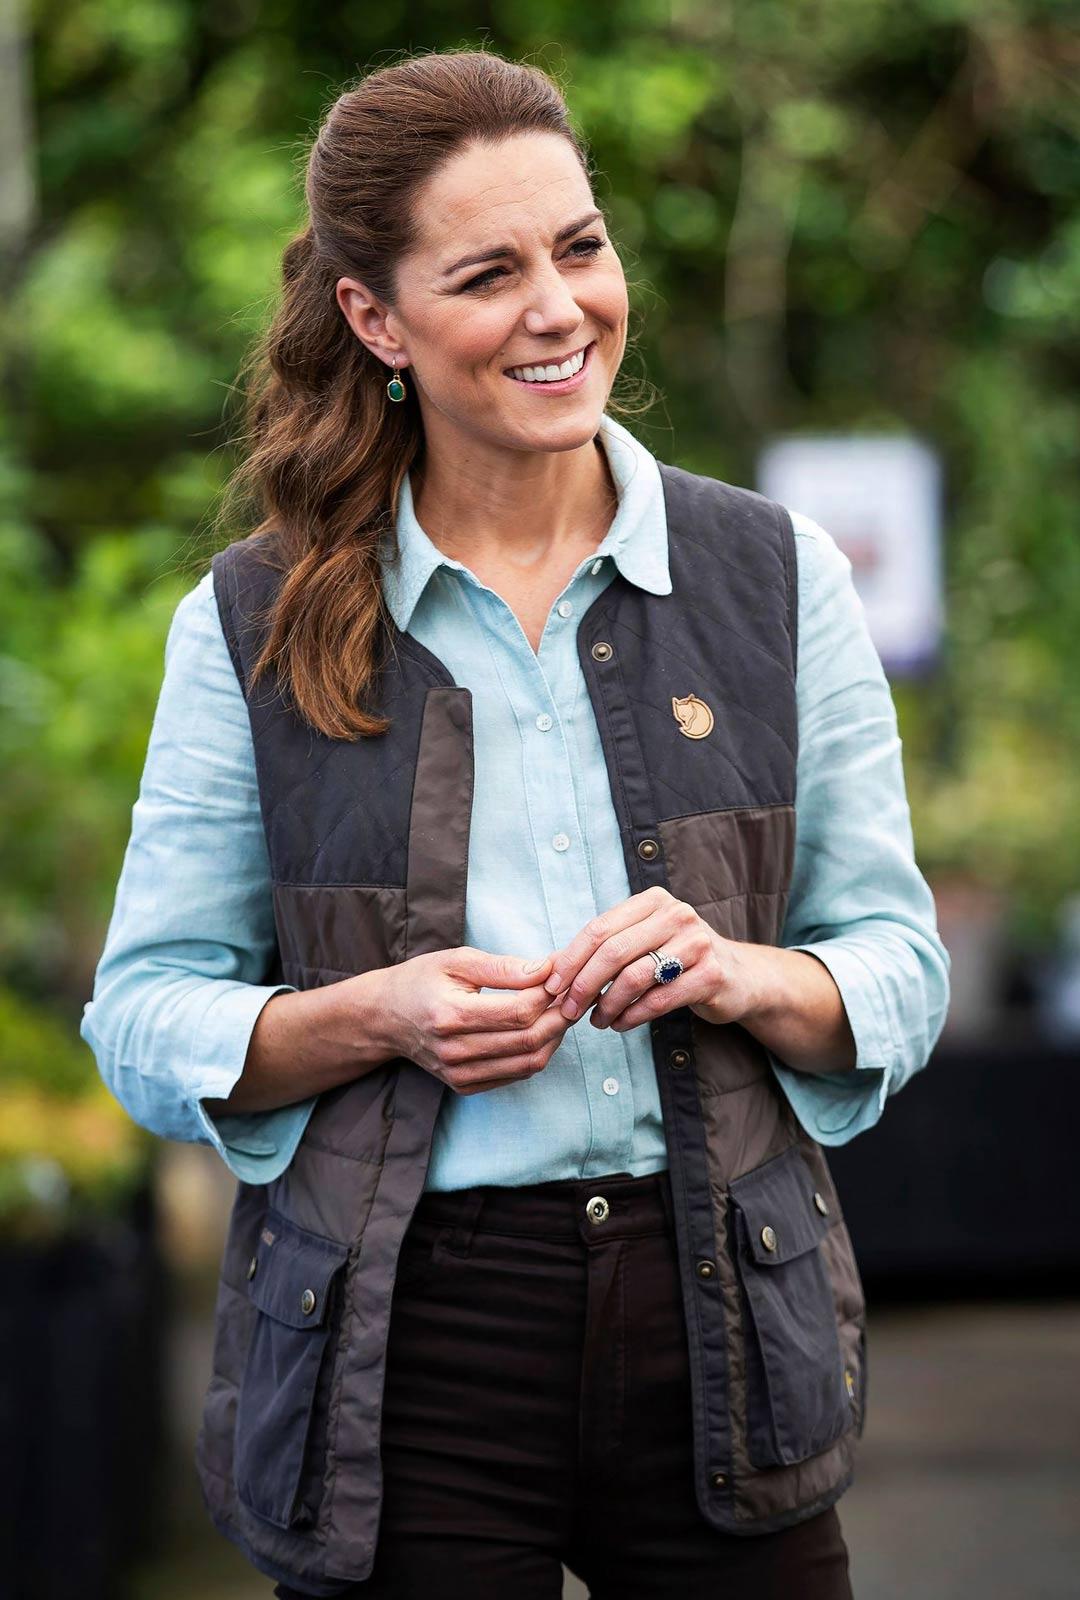 Catherine on kasvanut keskiluokkaisessa perheessä, mutta hän on onnistunut hoitamaan kuninkaalliset velvollisuutensa hienosti.